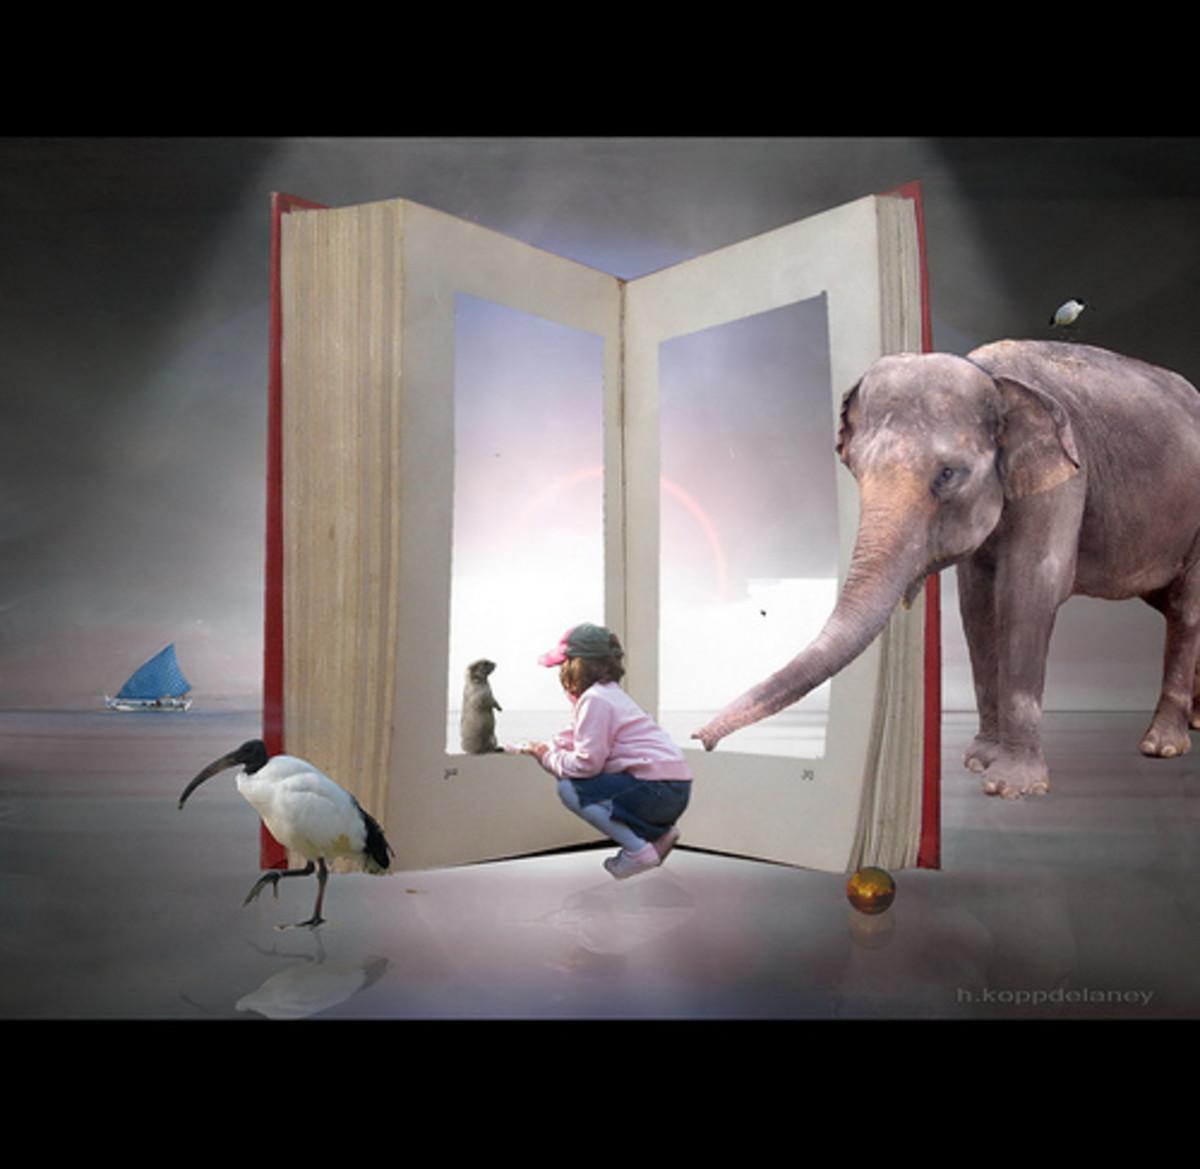 Animals in Dreams - Interpretation of Animal Dreams